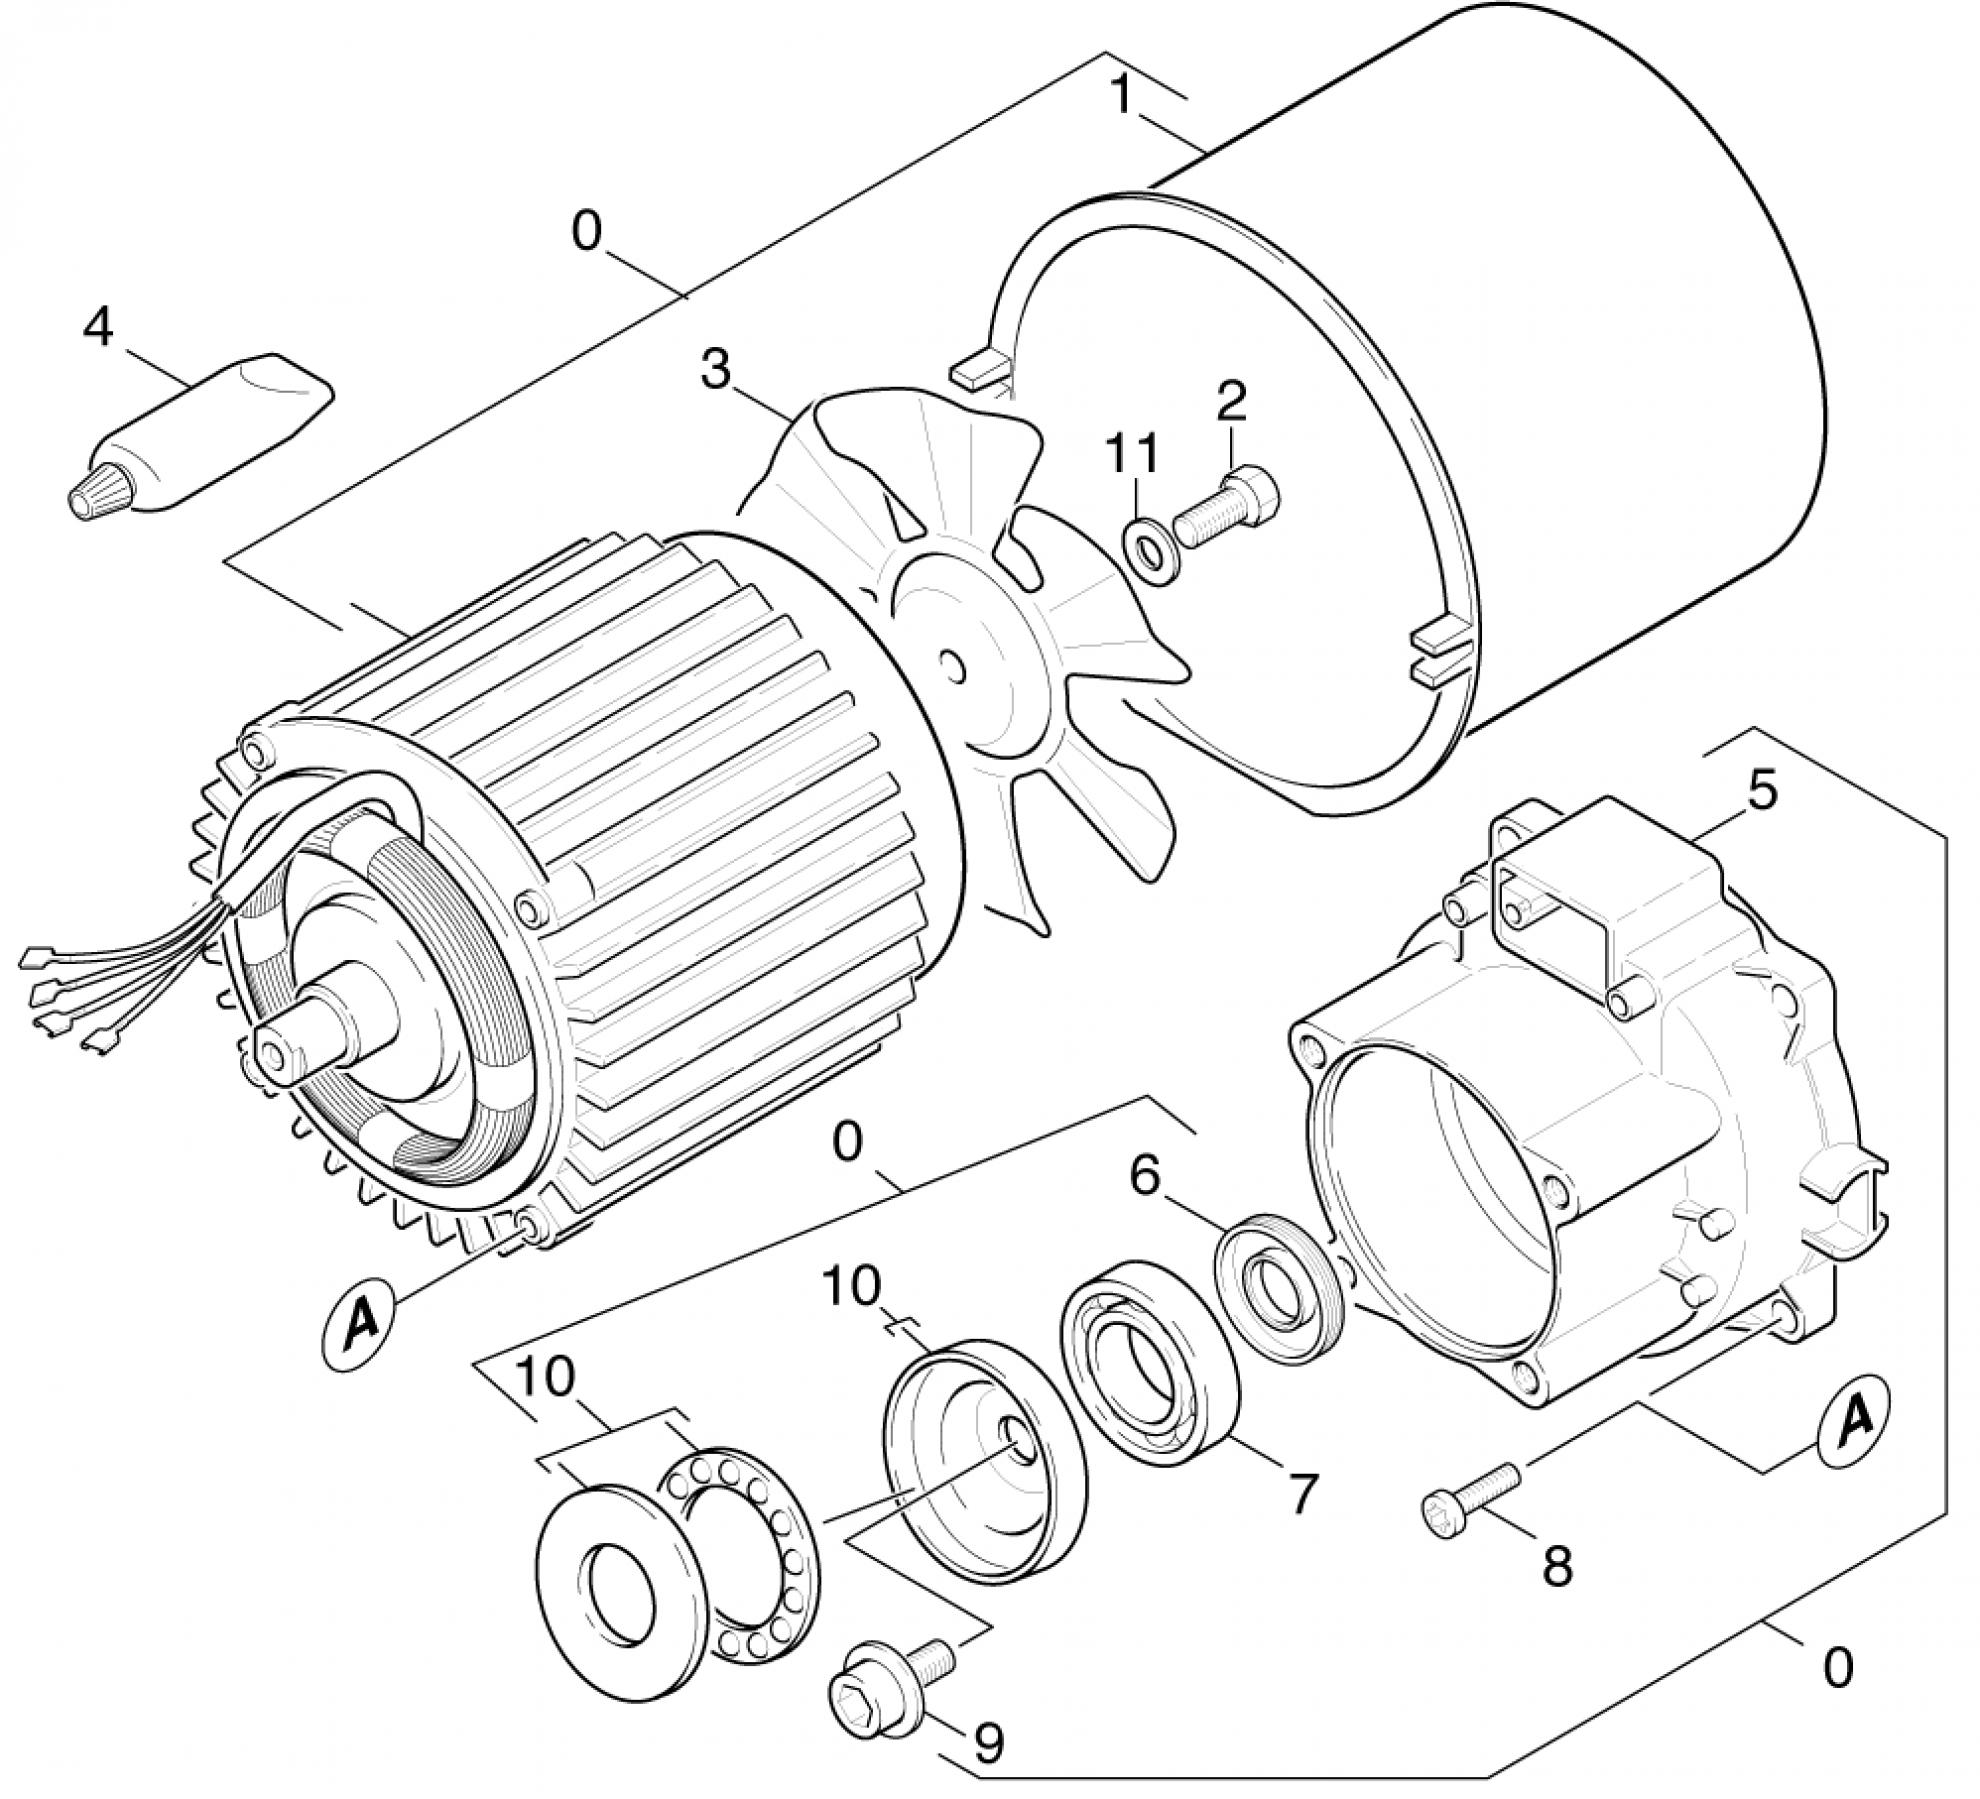 Pi ces d tach es nettoyeur haute pression karcher k 470 m - Karcher pieces detachees nettoyeur haute pression ...